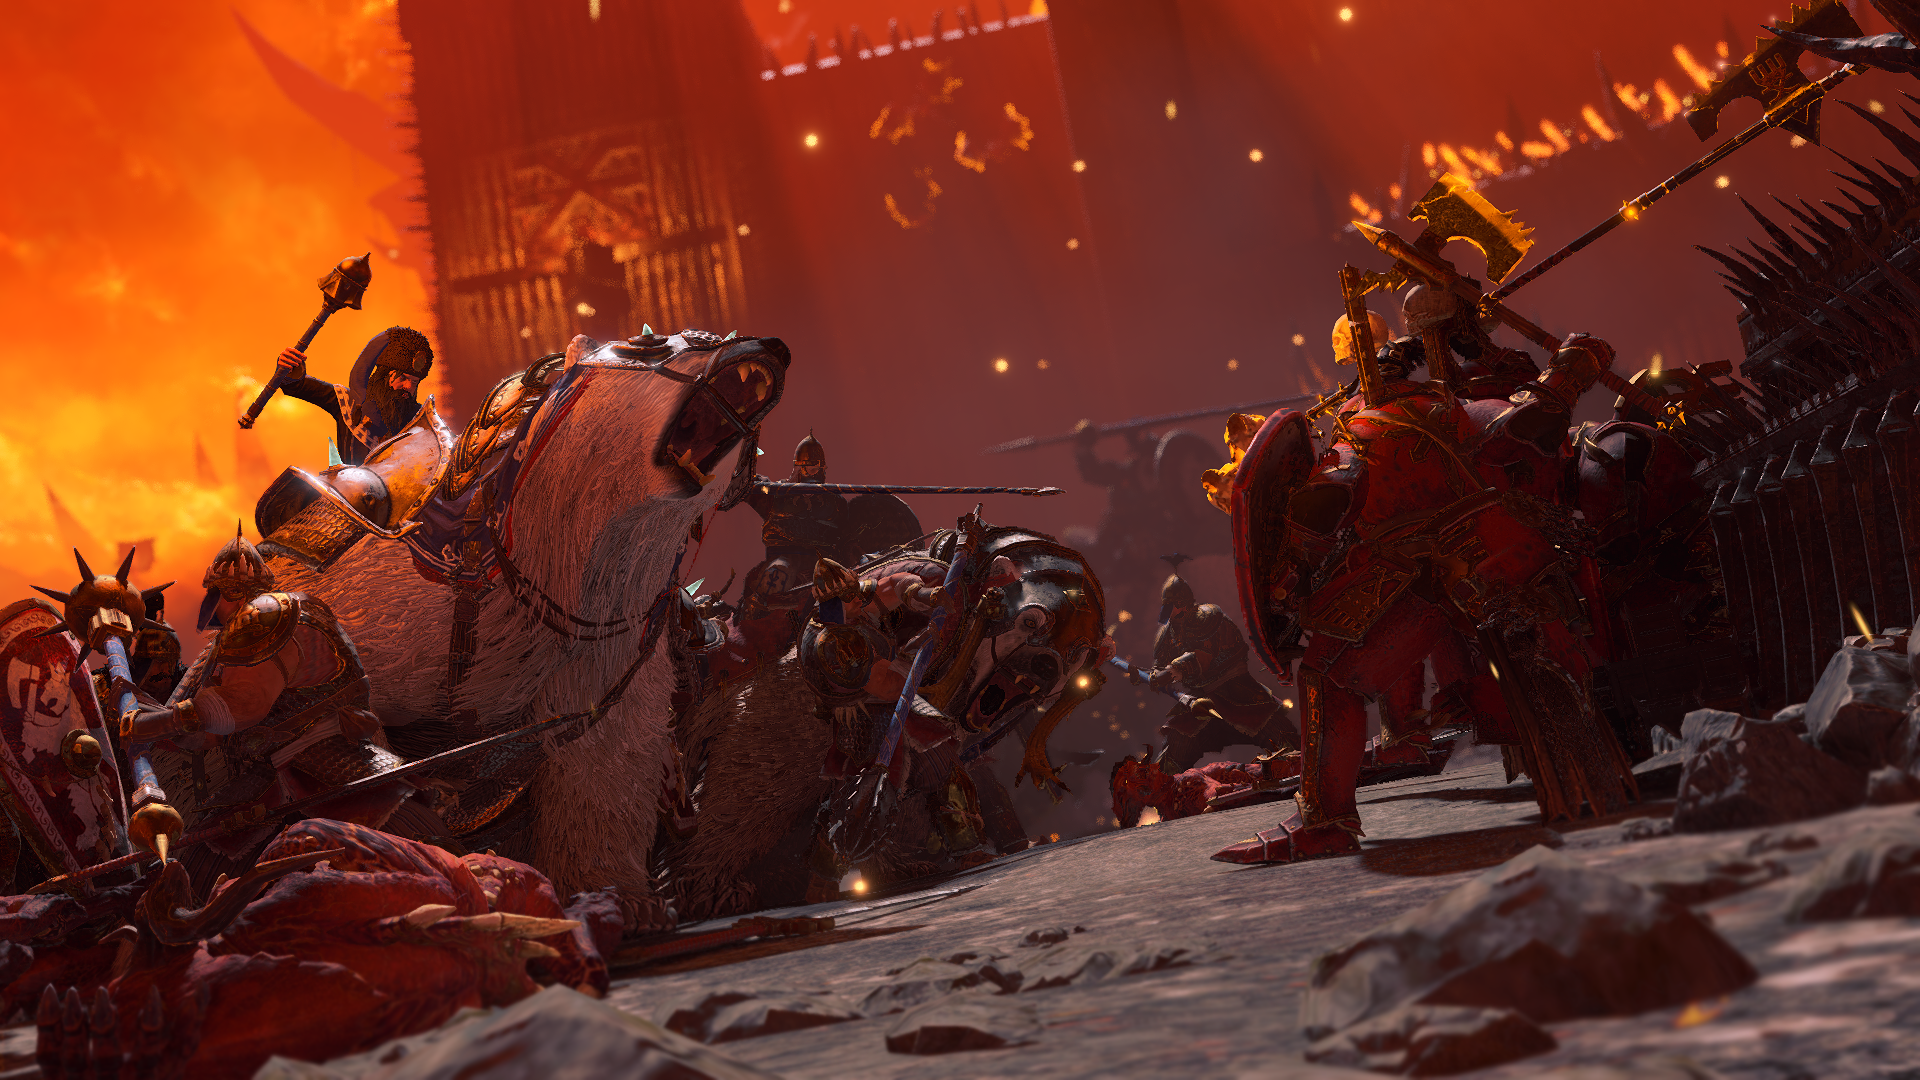 《战锤 全面战争3》公开全新宣传片及实机演示